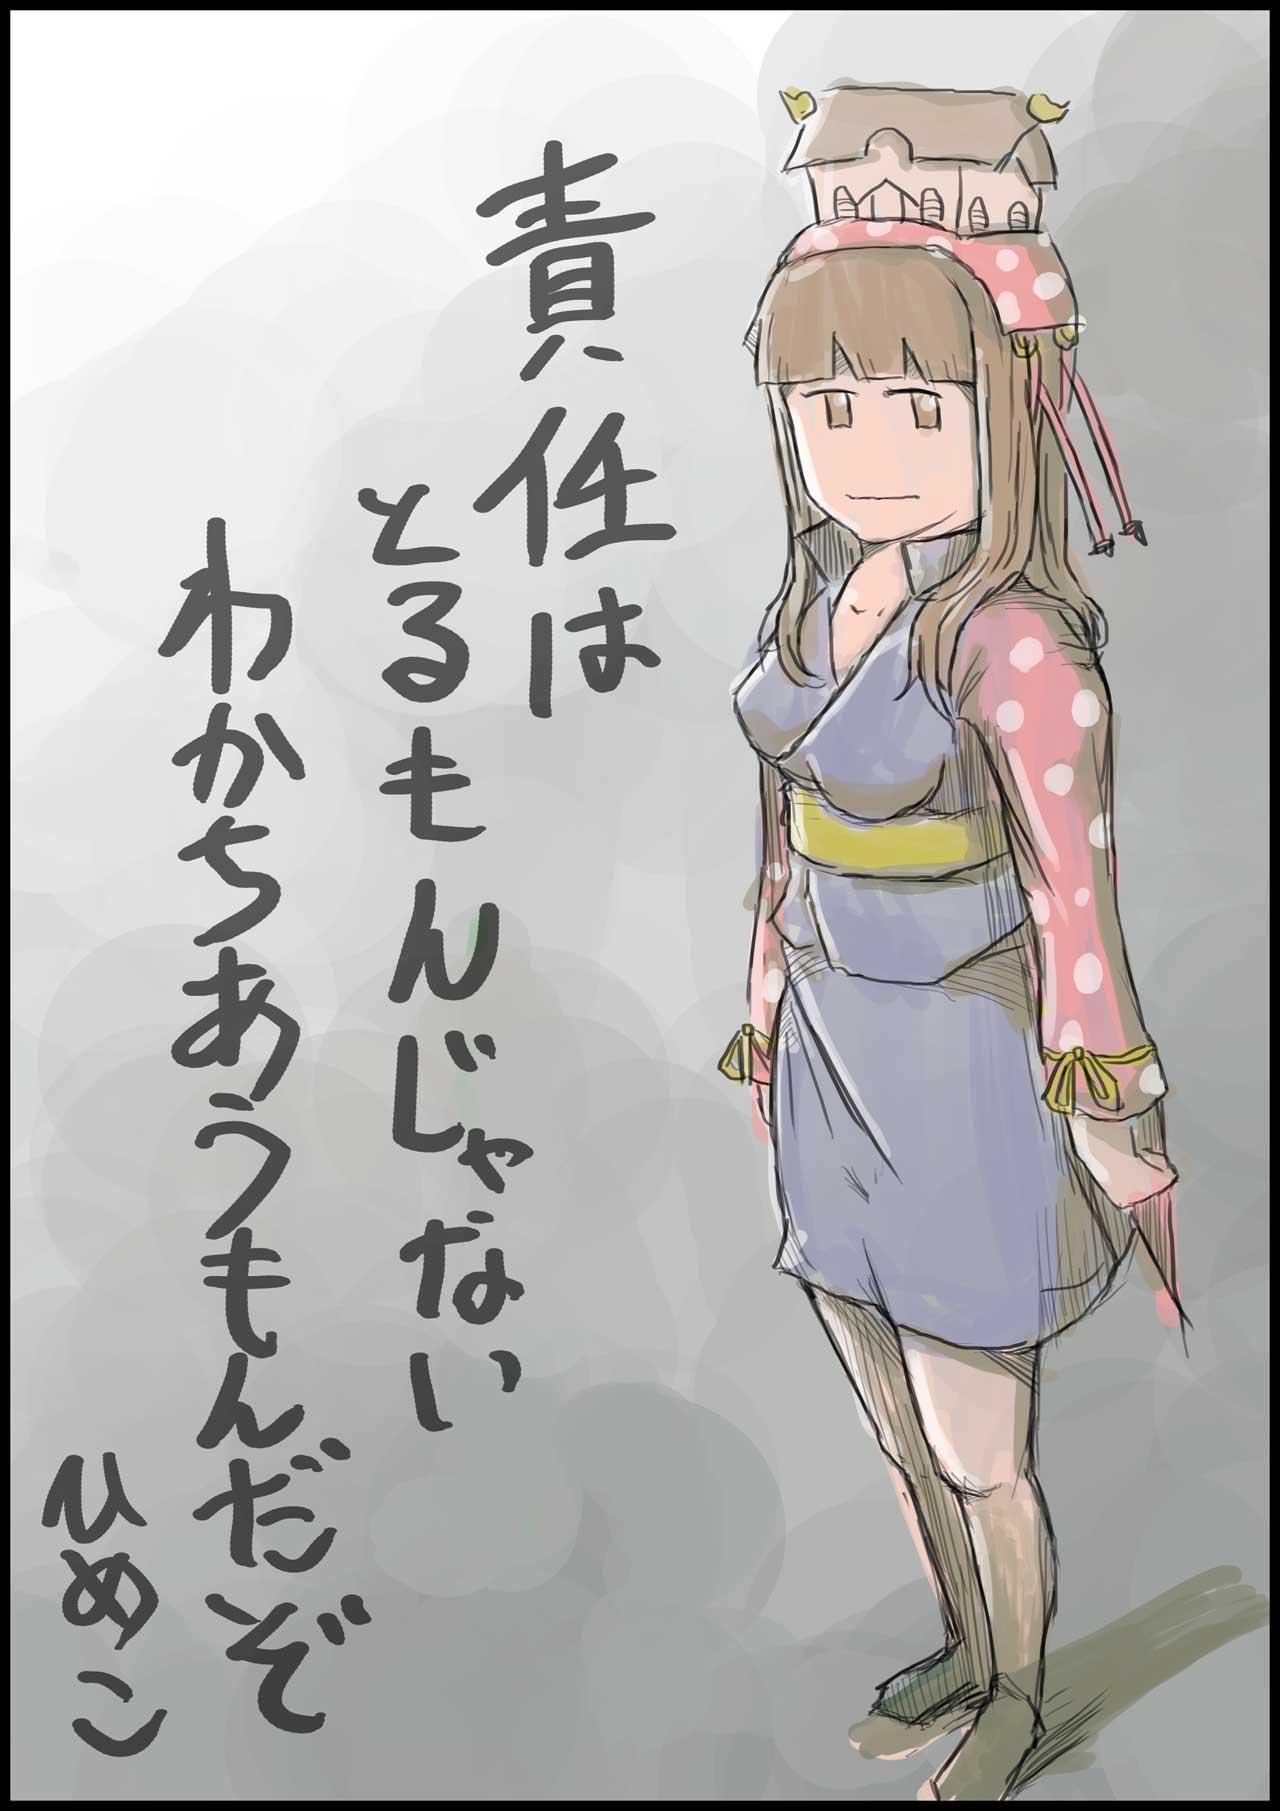 姫子名言02